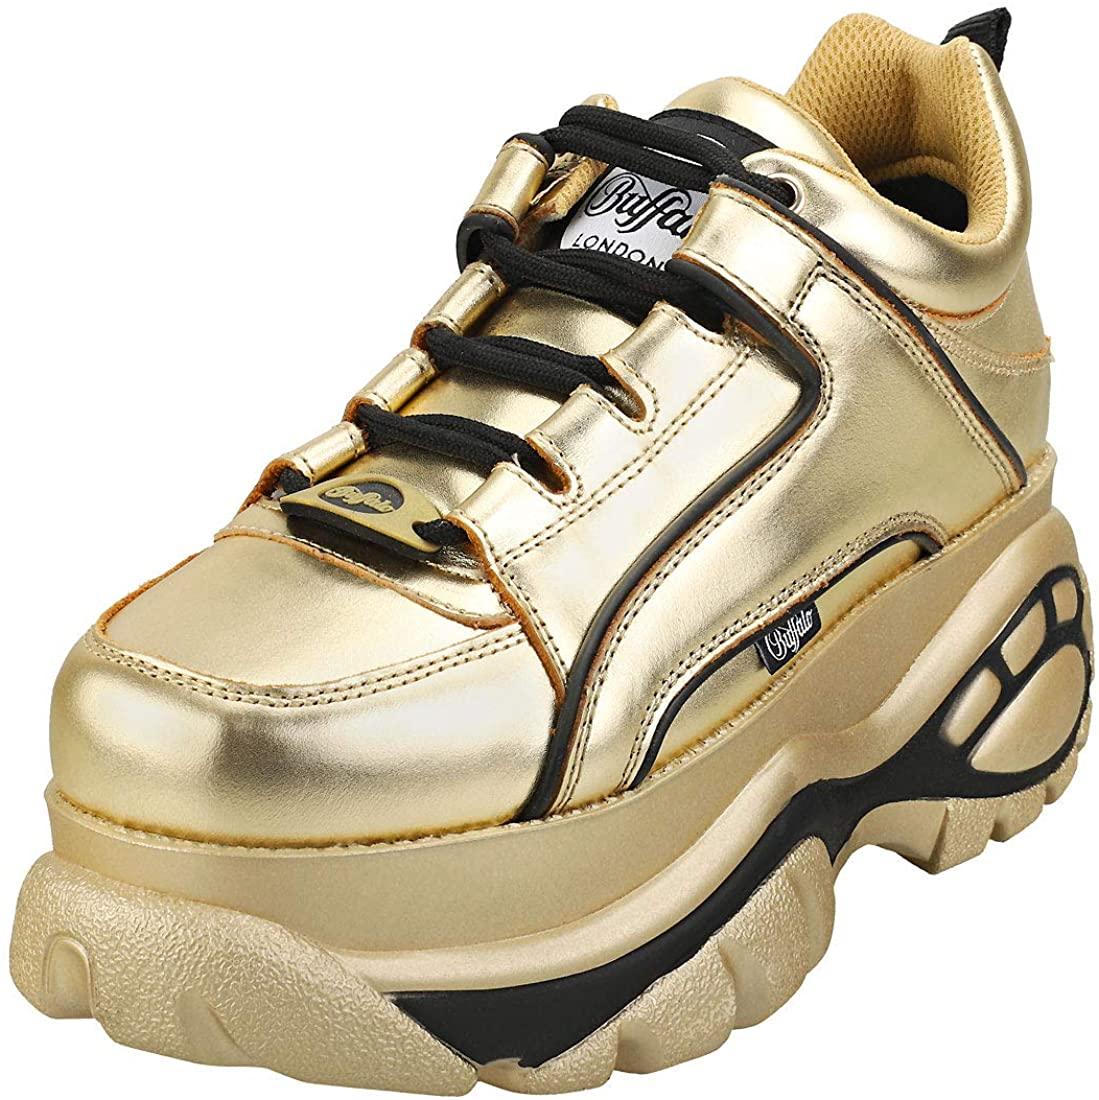 Buffalo Womens 1339-14 2.0 Platforms Shoes